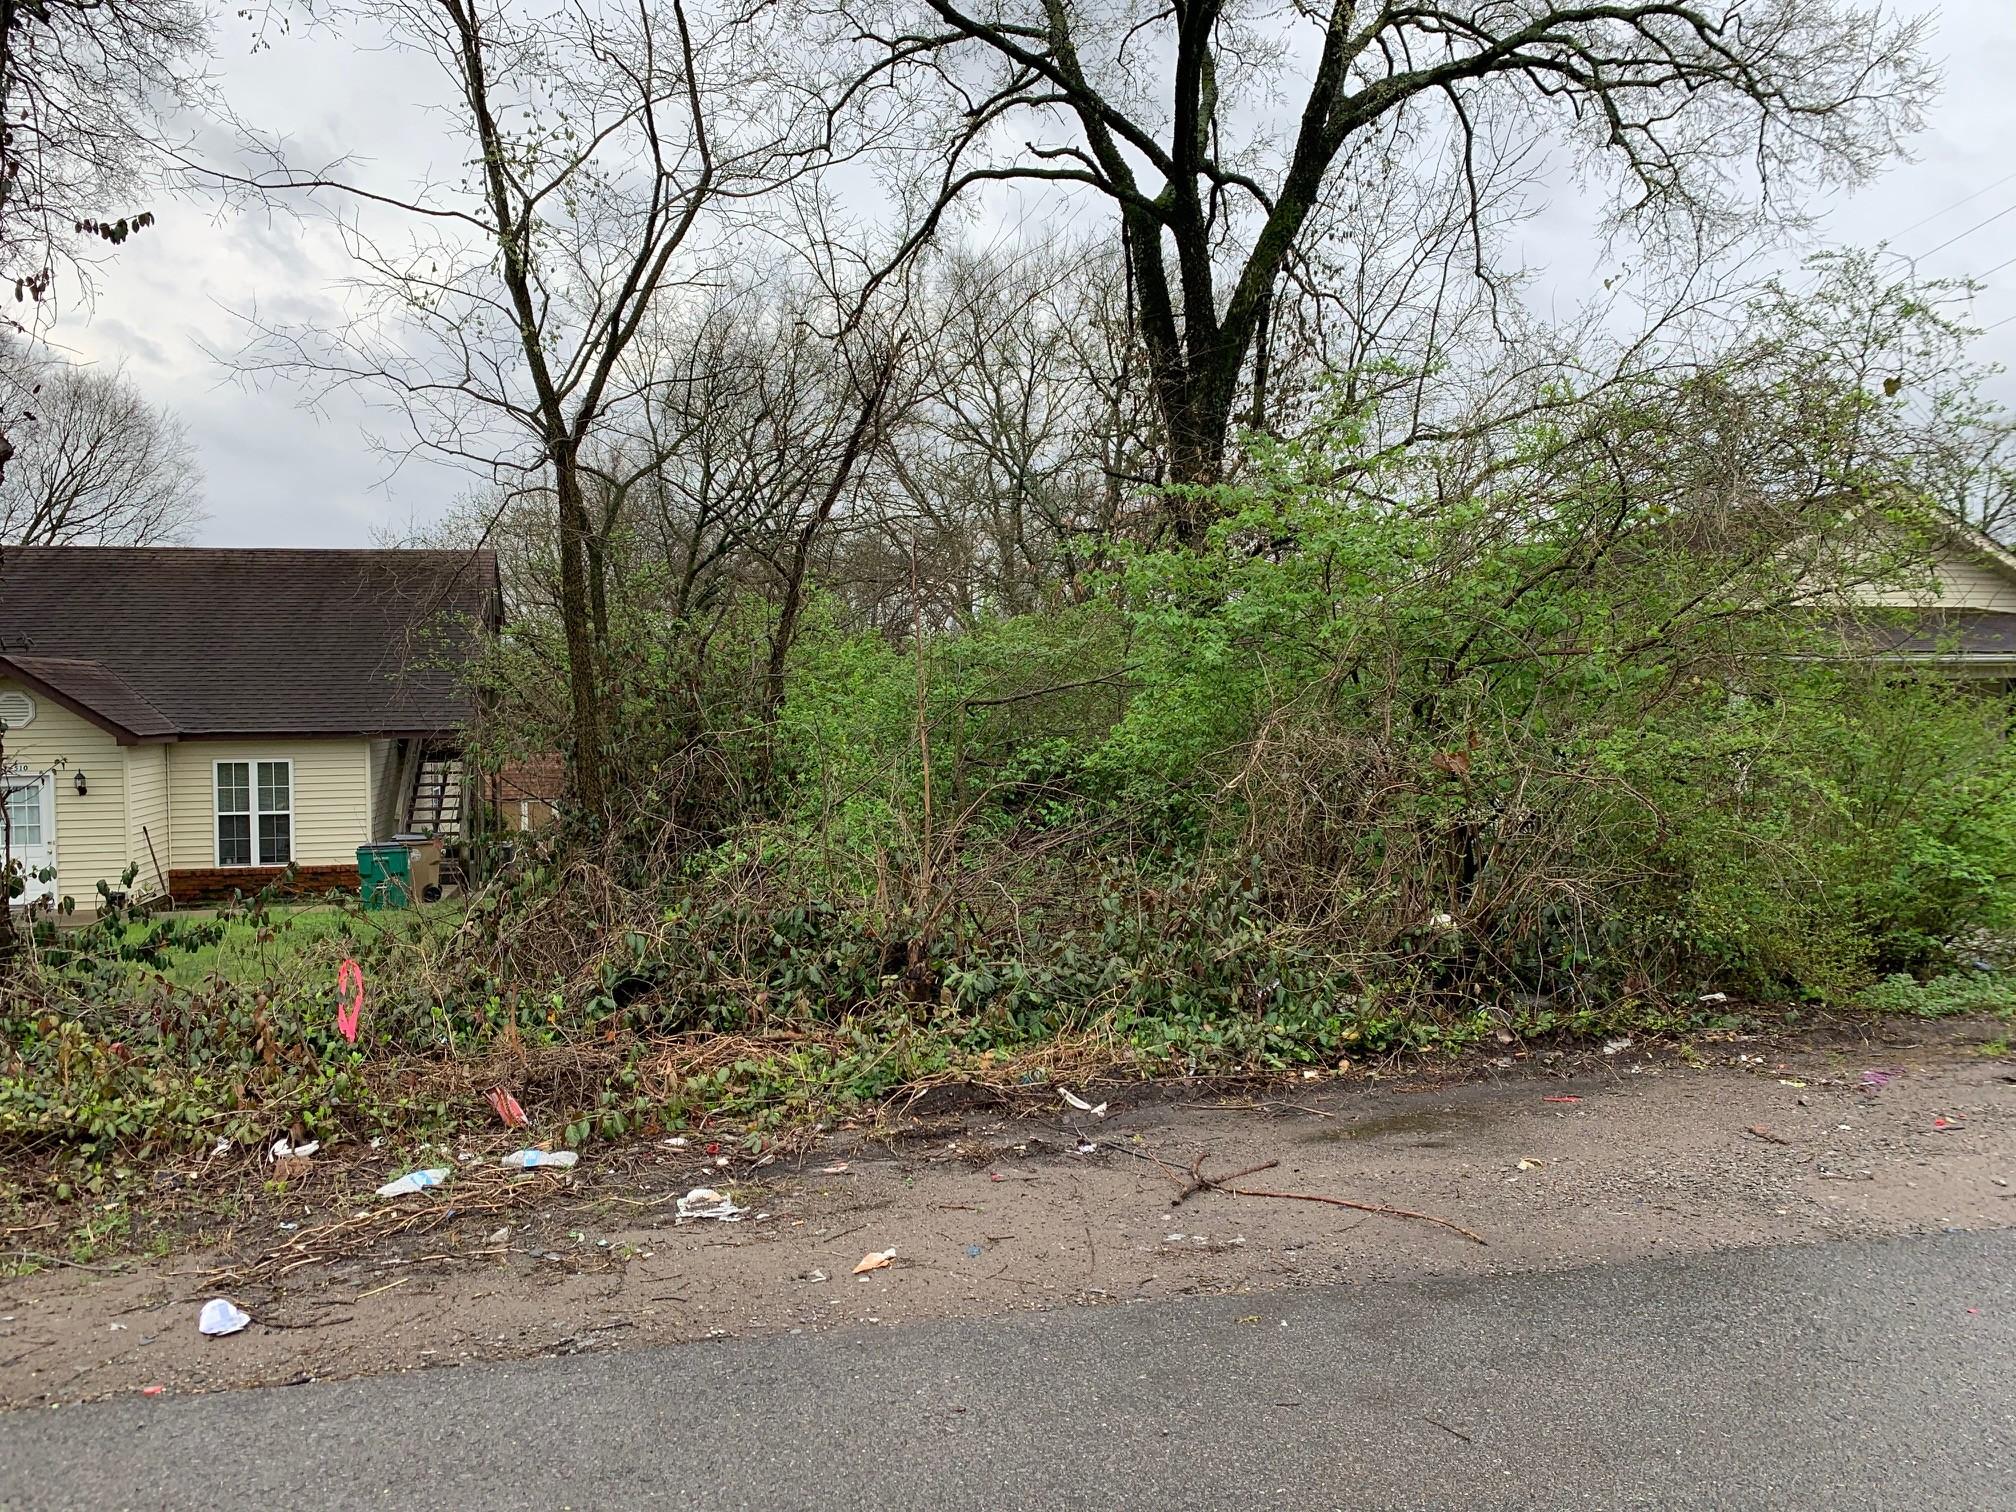 504 E. Old Hickory Blvd Property Photo